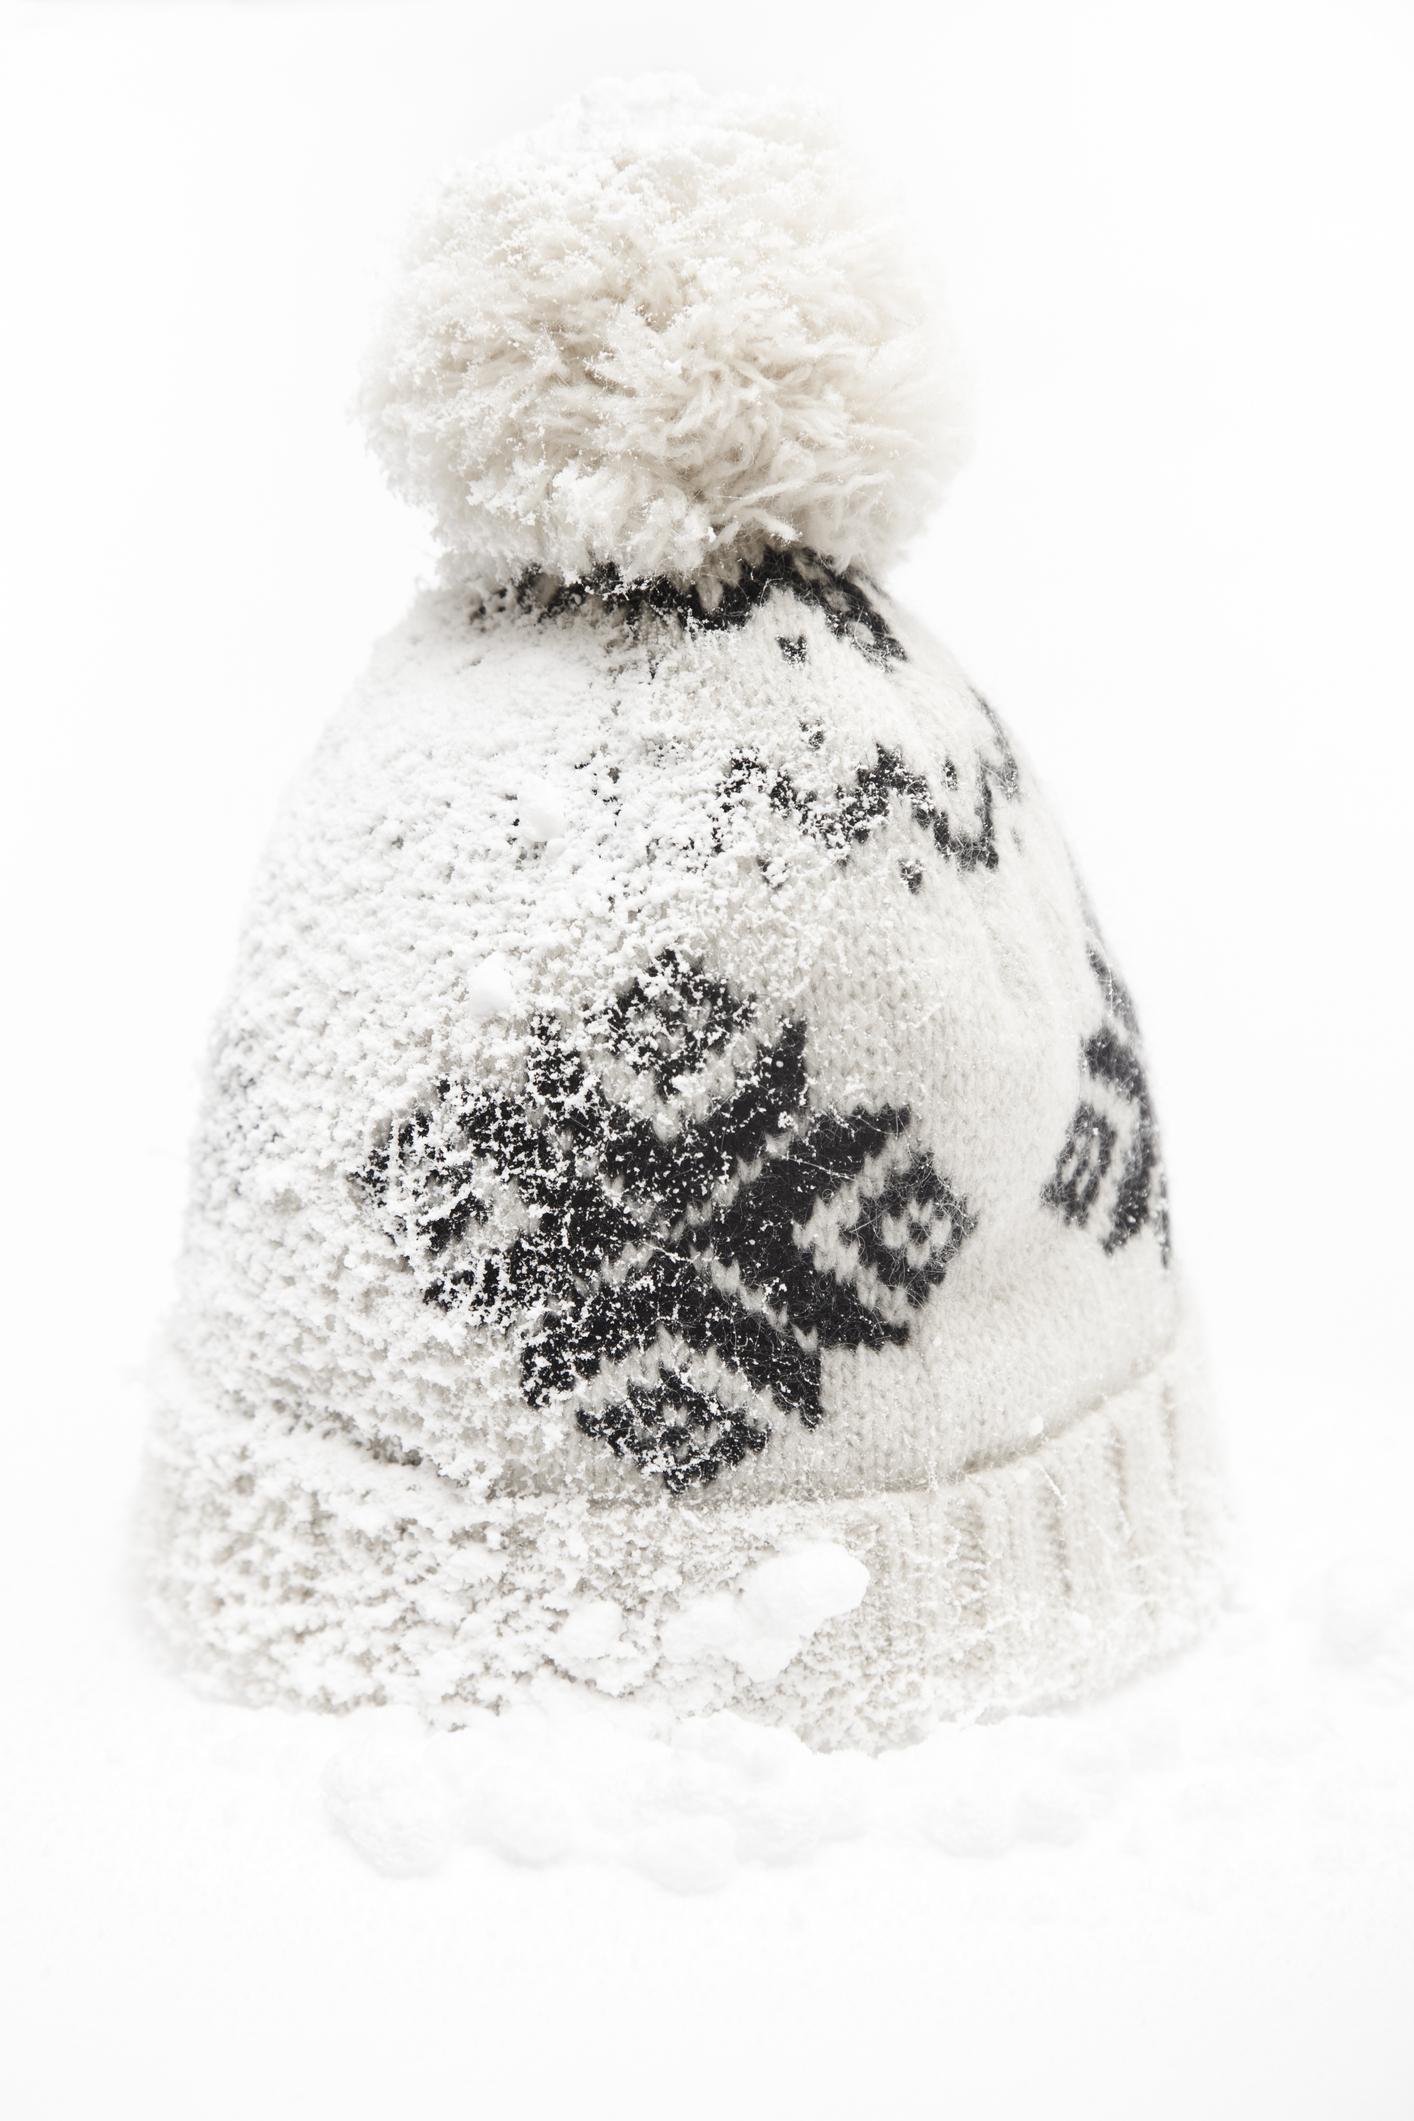 <p>Шапка или ушанки, за студените зимни дни</p>  <p>Колкото и банално да звучи, никога не бихте сбъркали с шапката. Тя влиза в употреба на всеки, особено ако навън се сипе бял и пухкав снежец. С подаръка си със сигурност ще покажете загриженост, любов и ще внесете топлина през зимата на някой от най-близките ви хора.</p>